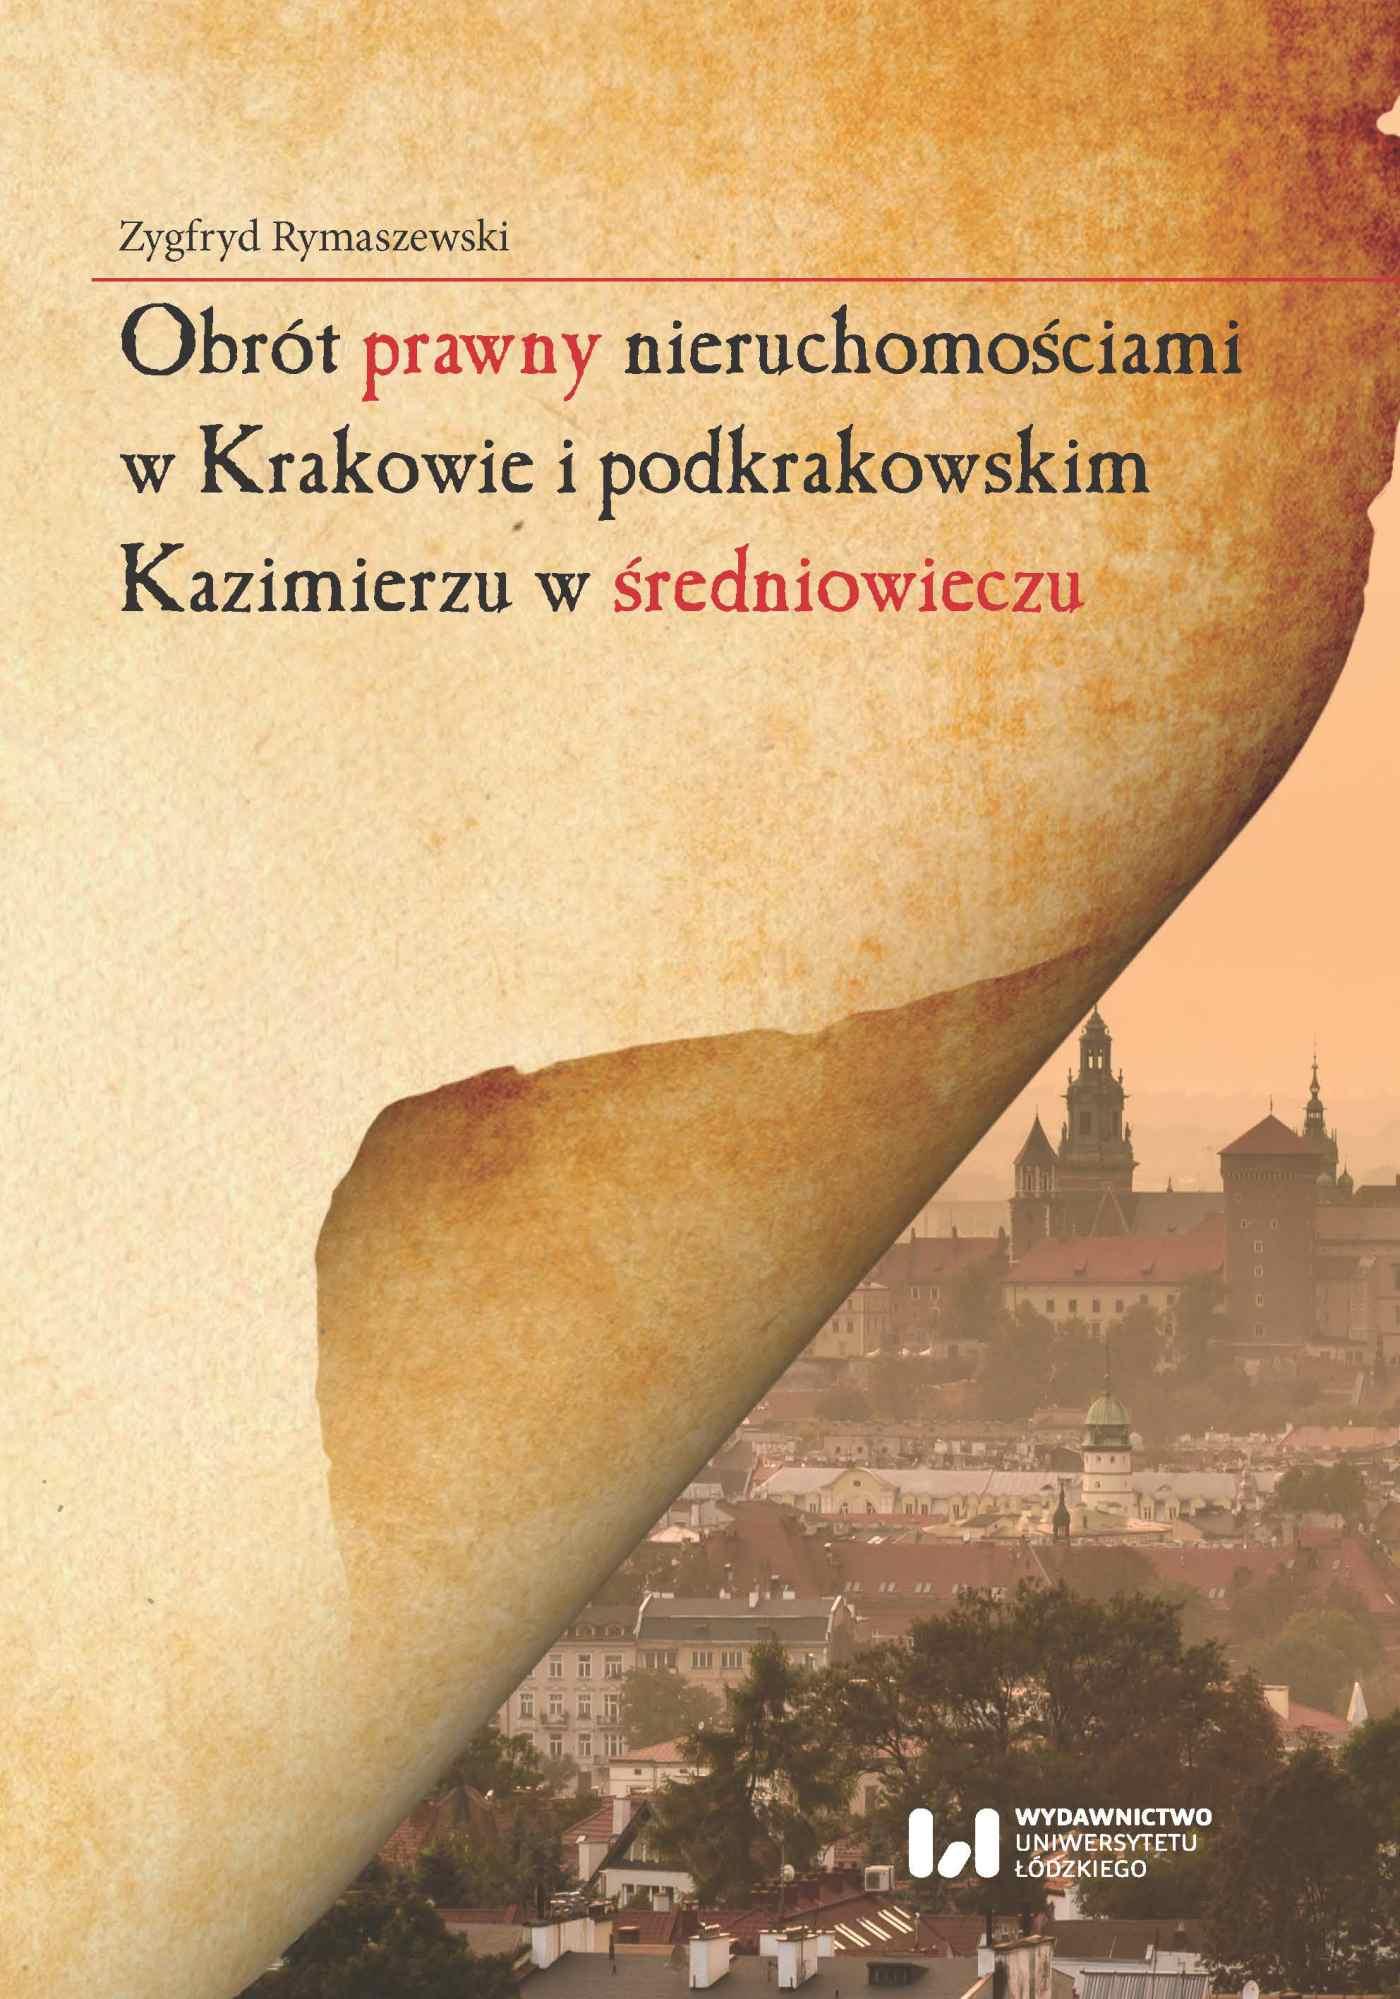 Obrót prawny nieruchomościami w Krakowie i podkrakowskim Kazimierzu w średniowieczu - Ebook (Książka PDF) do pobrania w formacie PDF